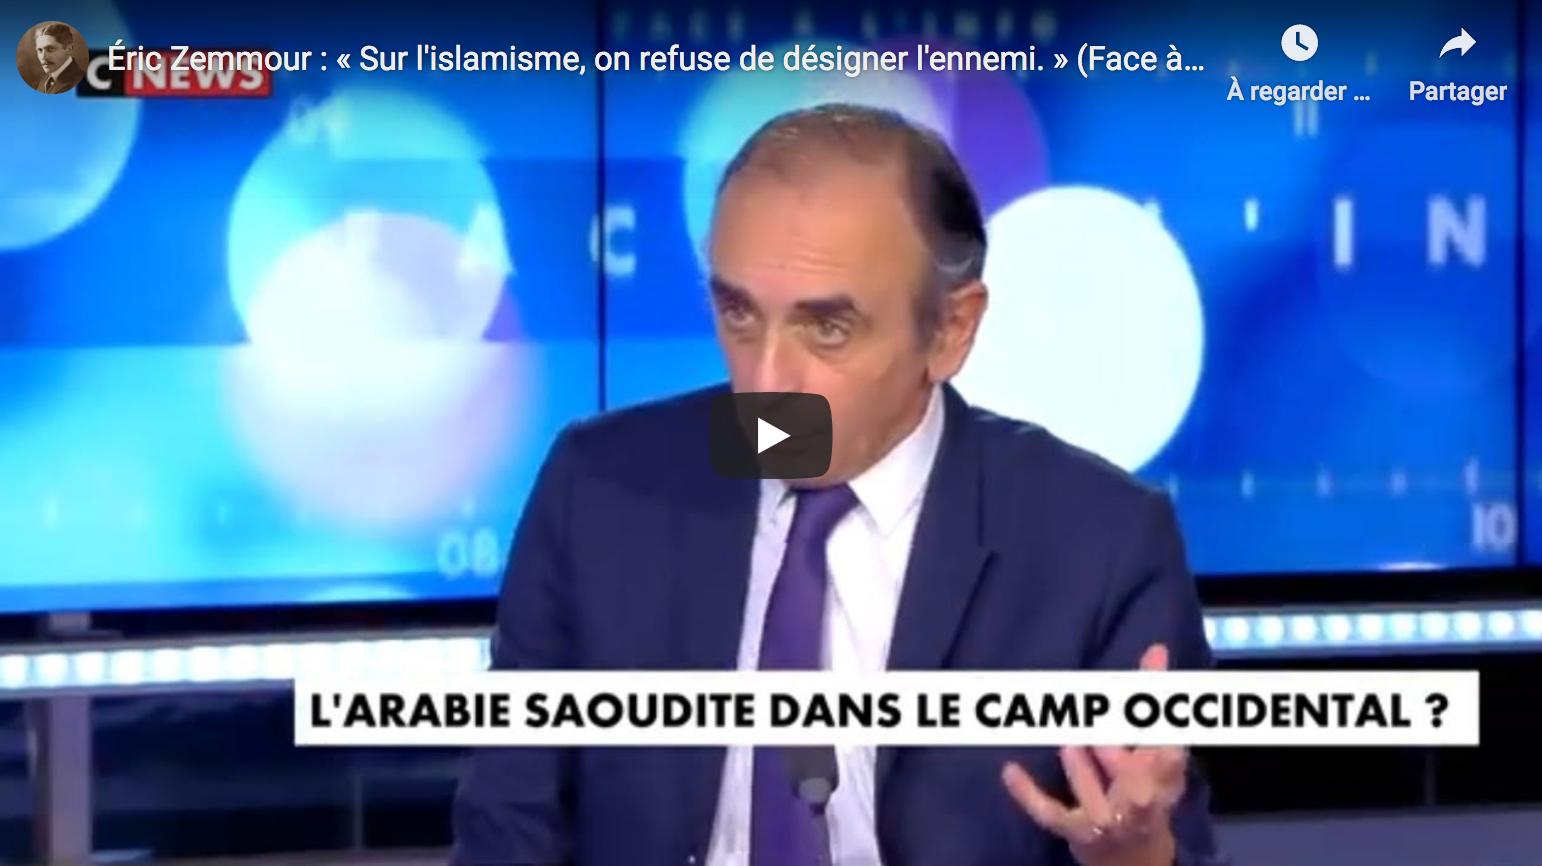 Éric Zemmour : « Sur l'islamisme, on refuse de désigner l'ennemi » (VIDÉO)